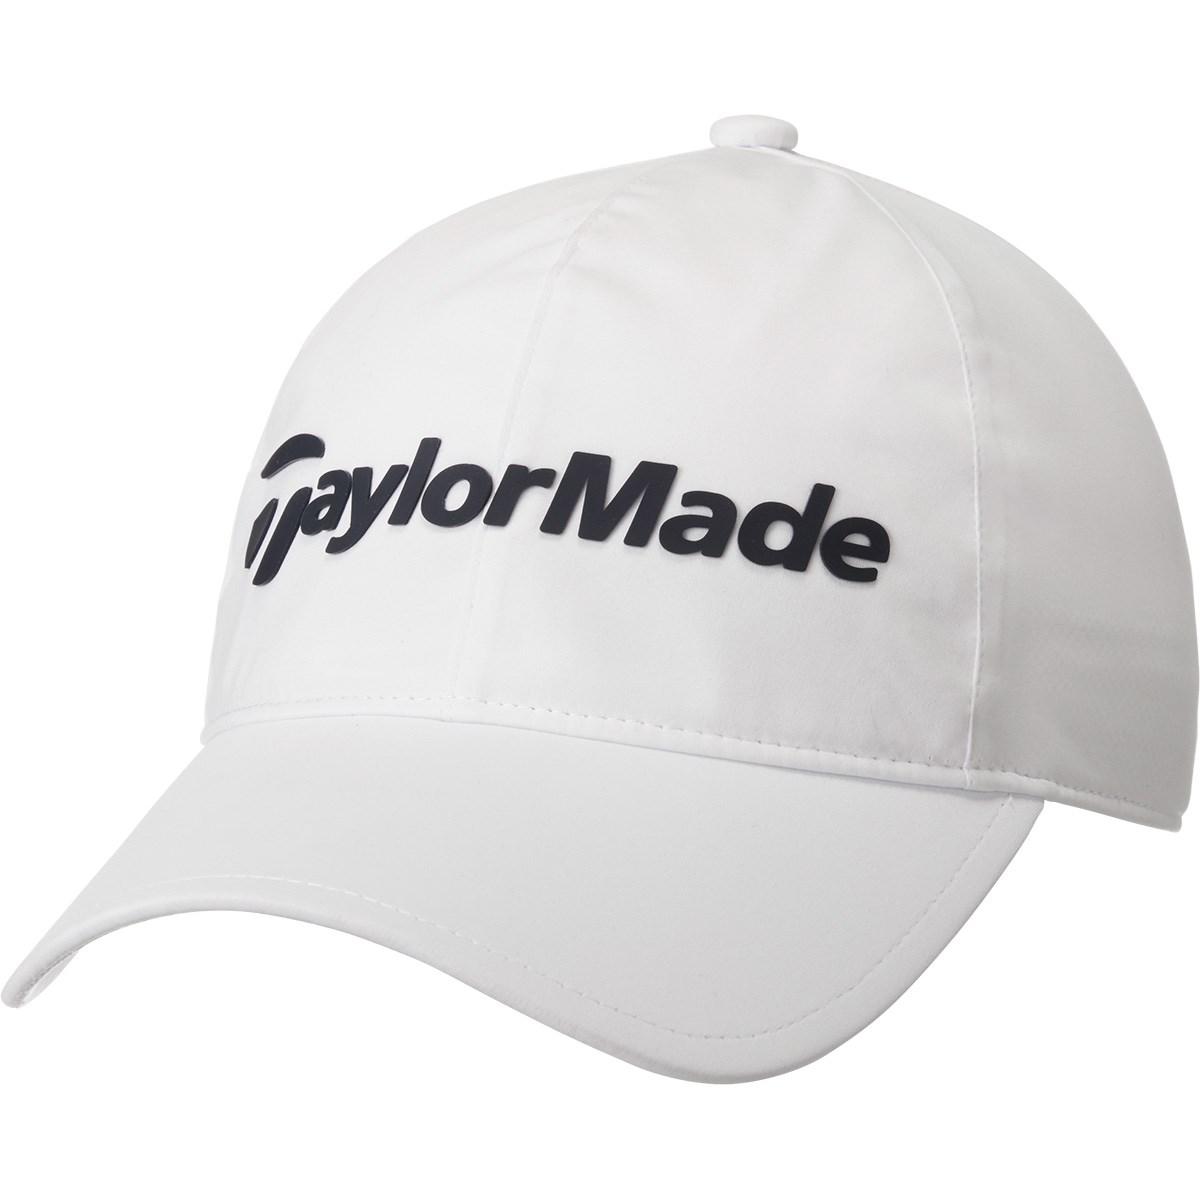 テーラーメイド Taylor Made レインキャップ S/M ホワイト